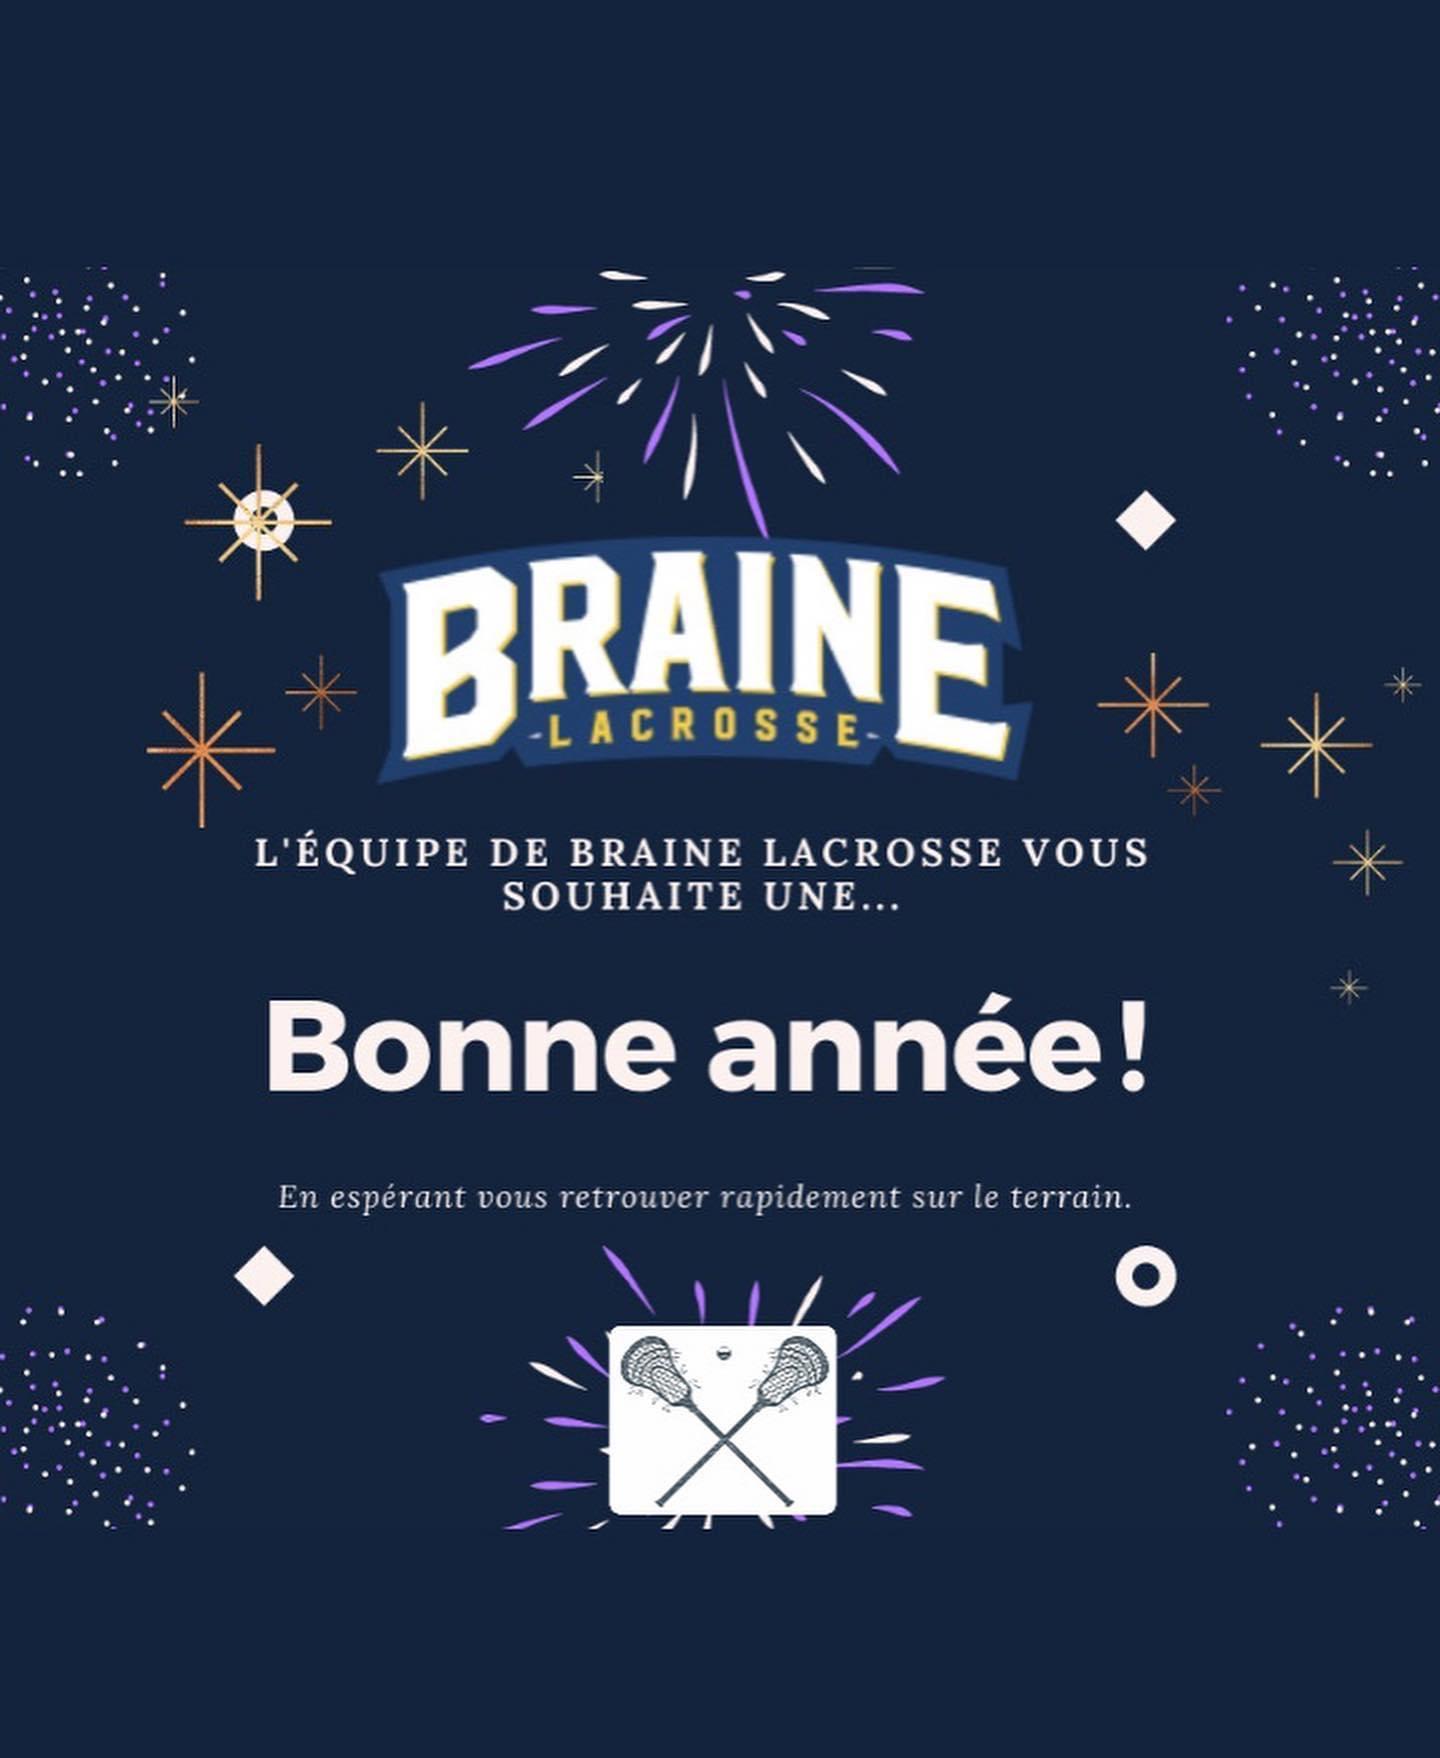 Braine Lacrosse